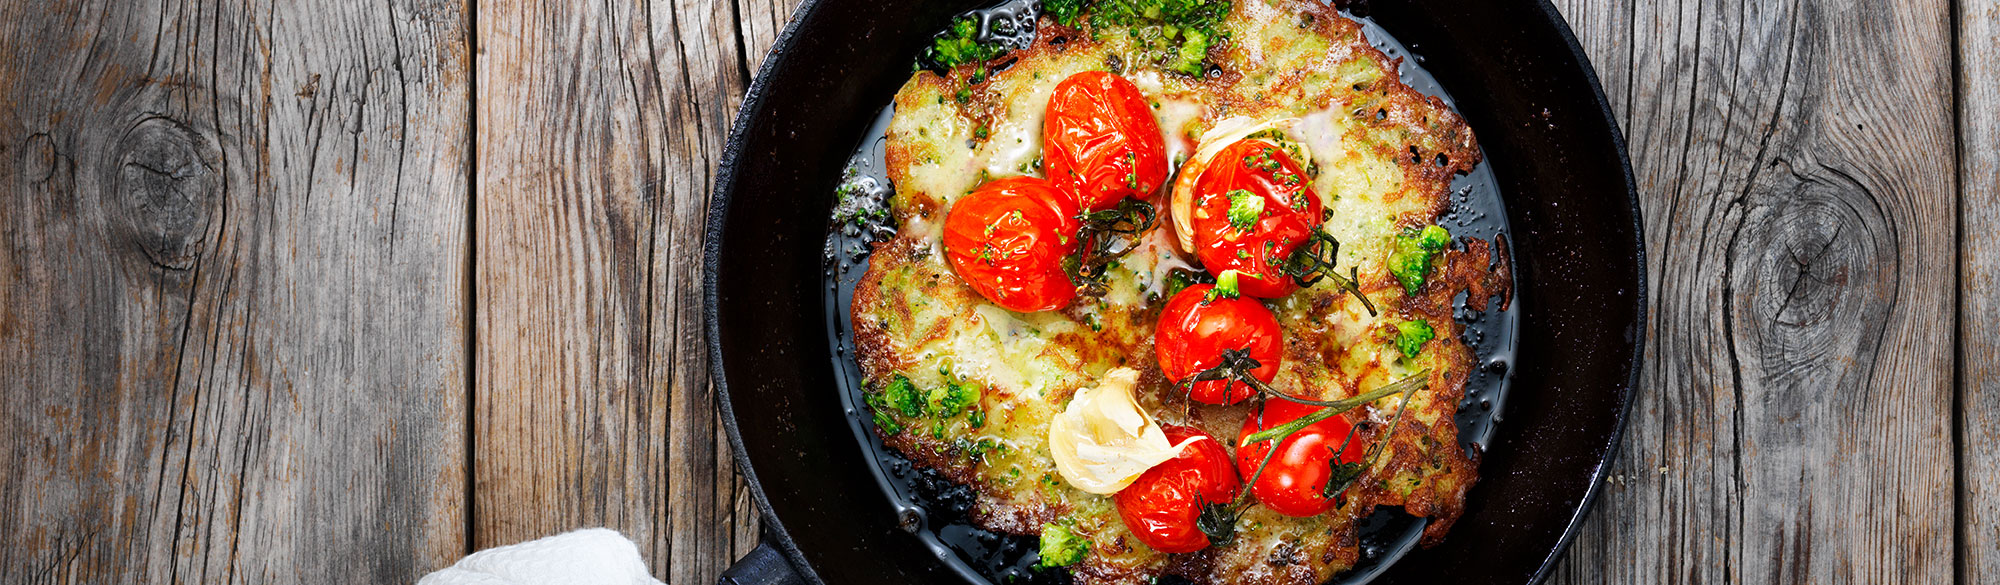 Raggmunkar med broccoli och vitlöksrostade tomater